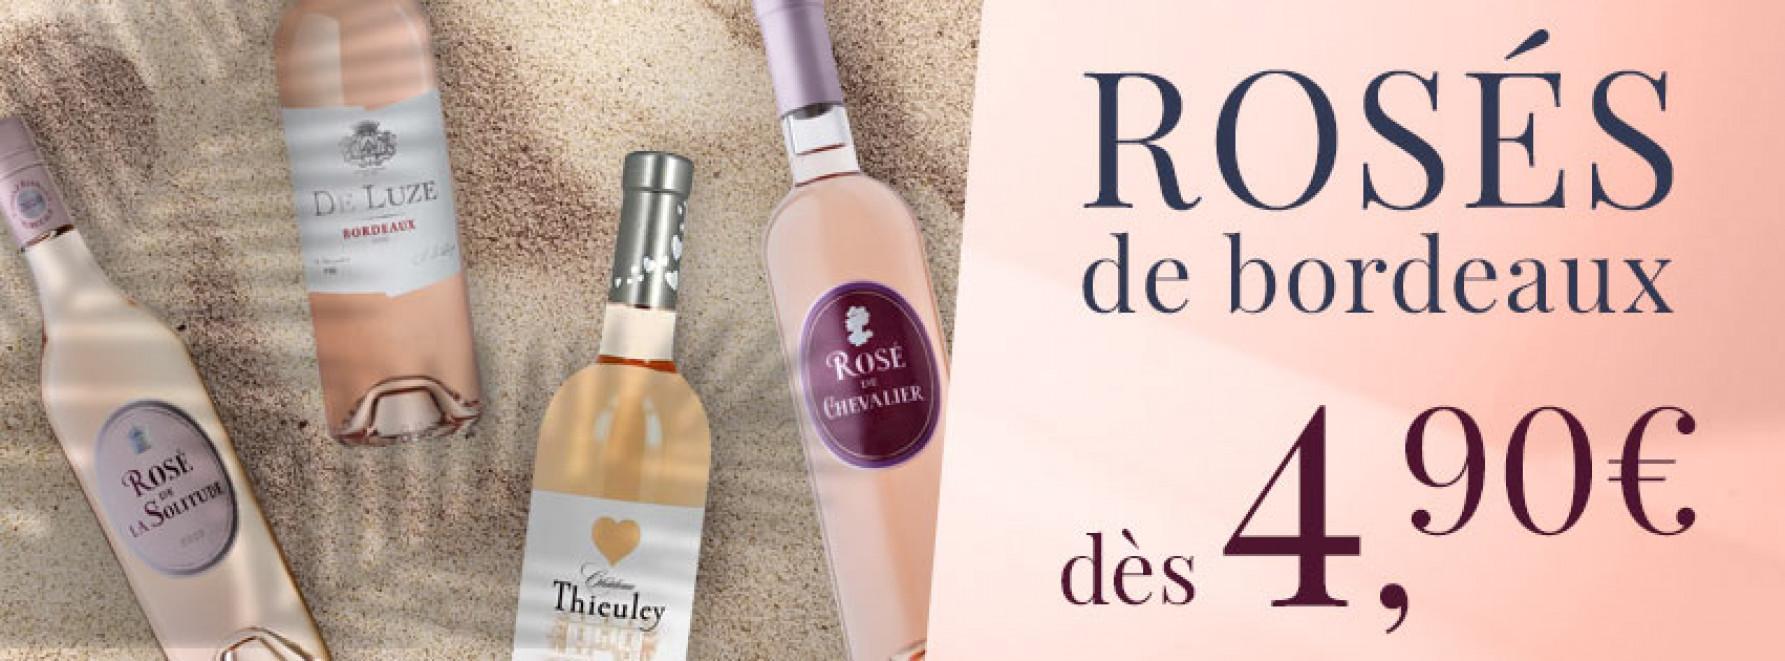 Les rosés débarquent à Bordeaux